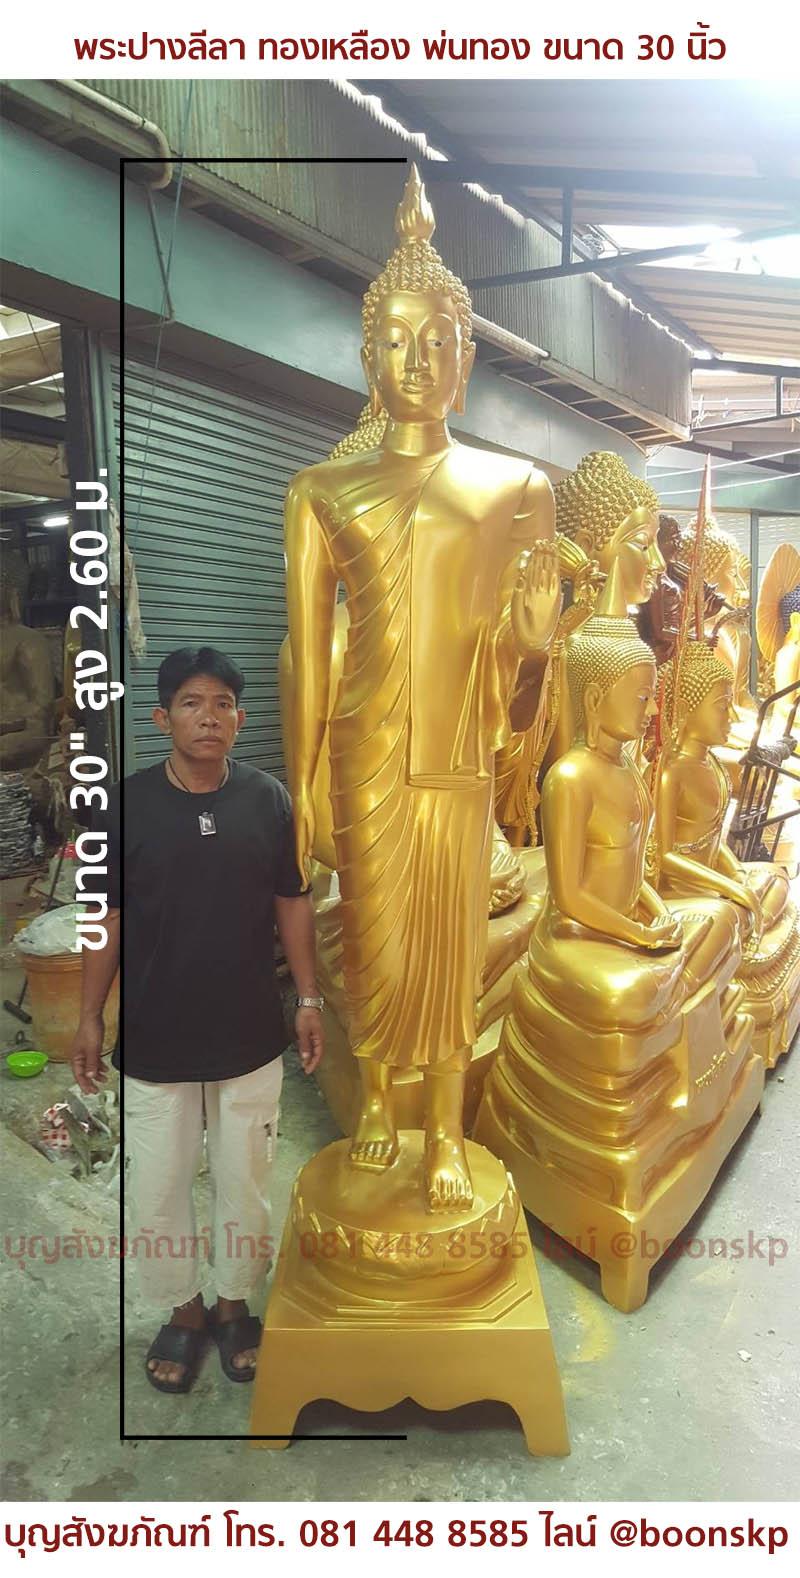 พระปางลีลา ทองเหลือง พ่นทอง ขนาด 30 นิ้ว สูง 260 ซม.